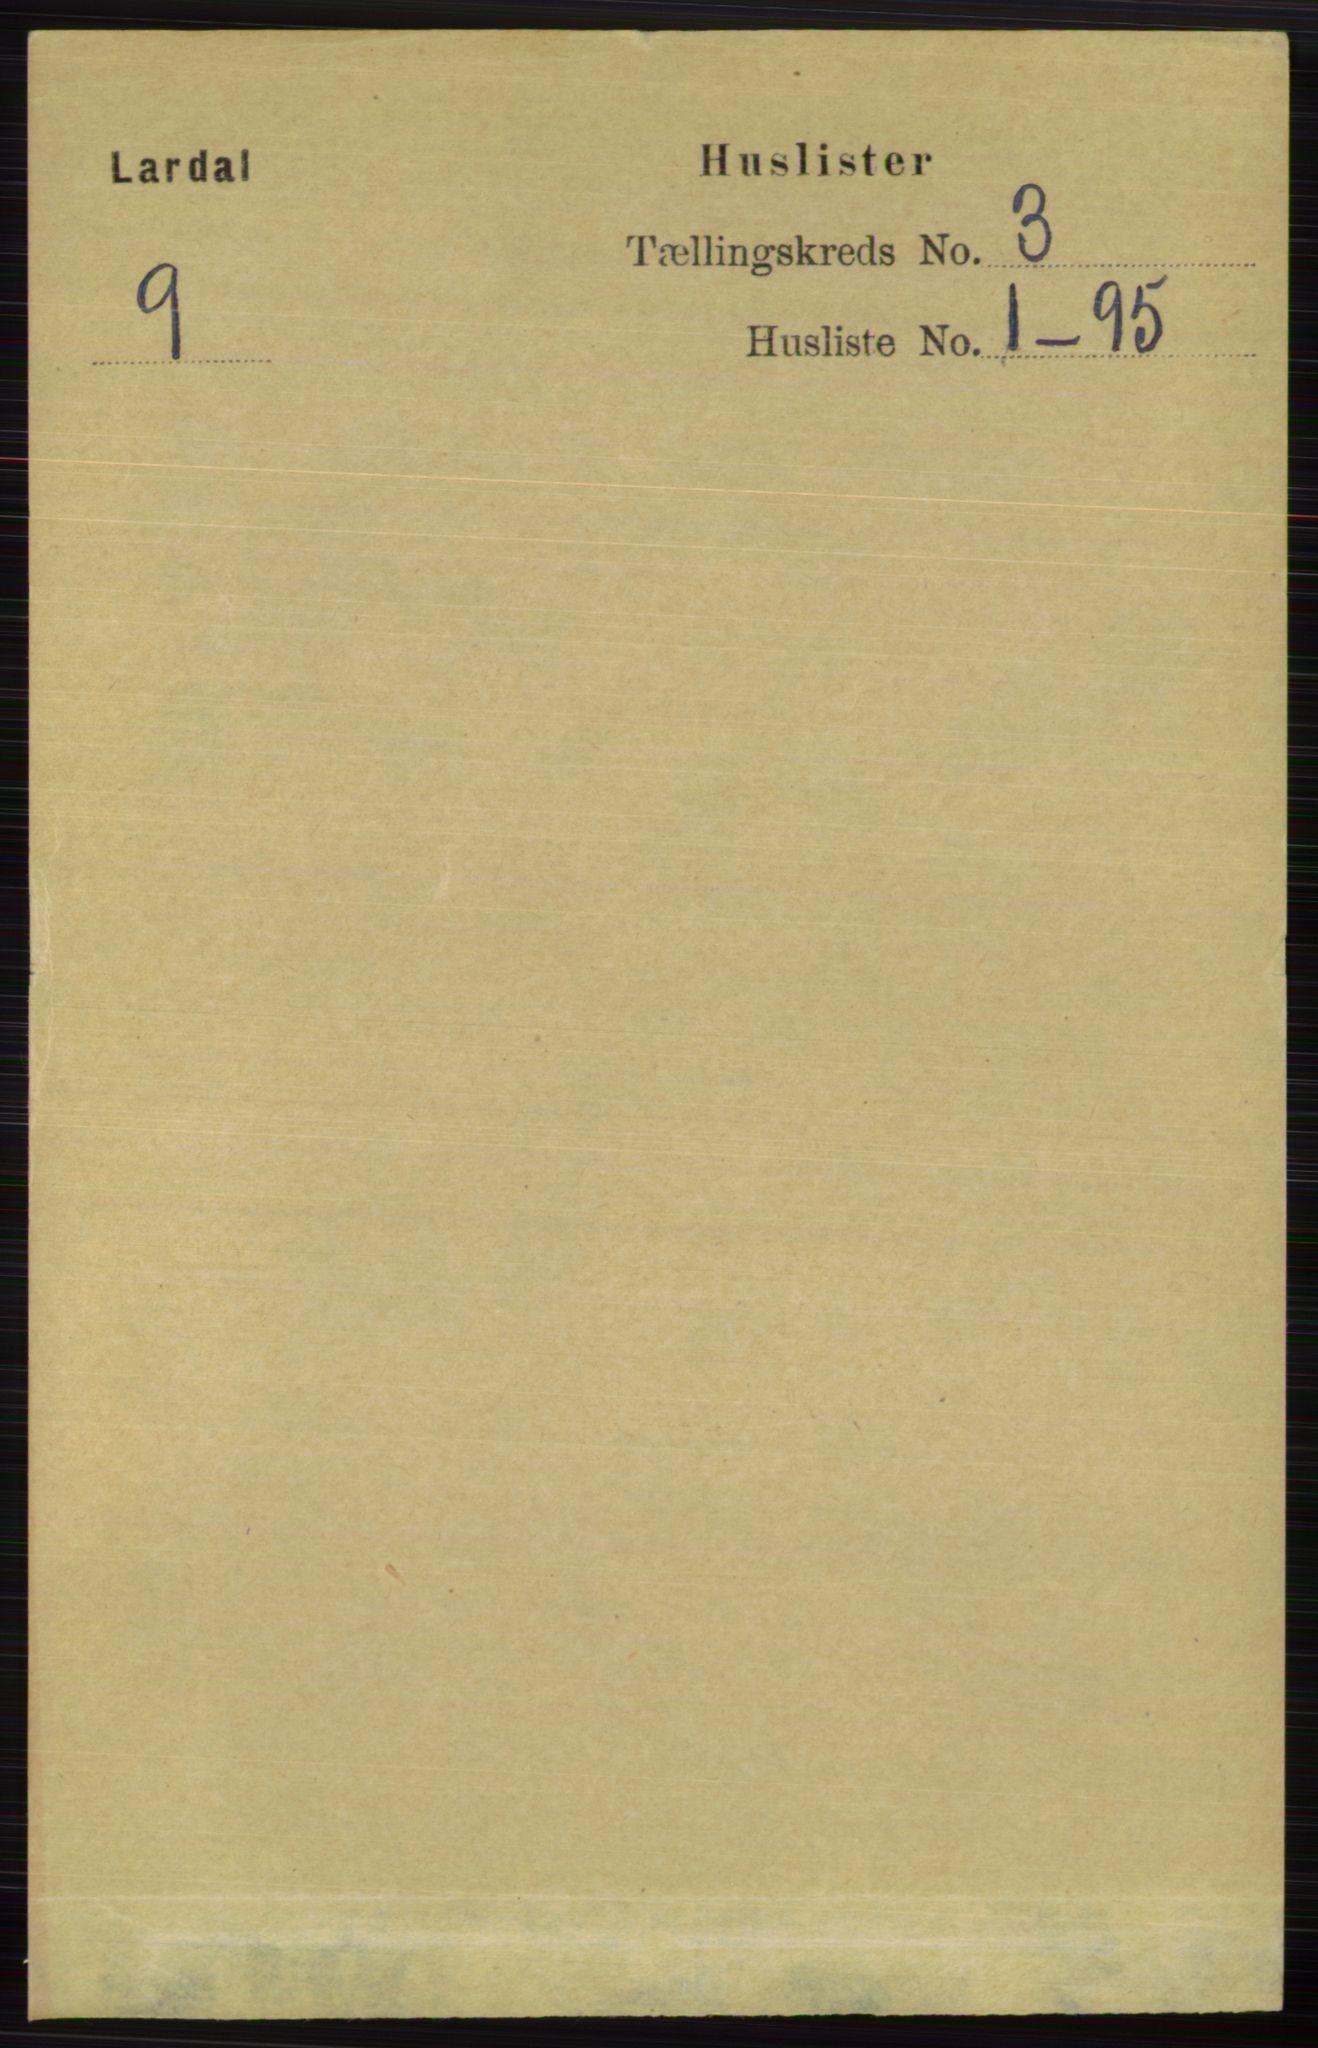 RA, Folketelling 1891 for 0728 Lardal herred, 1891, s. 1229